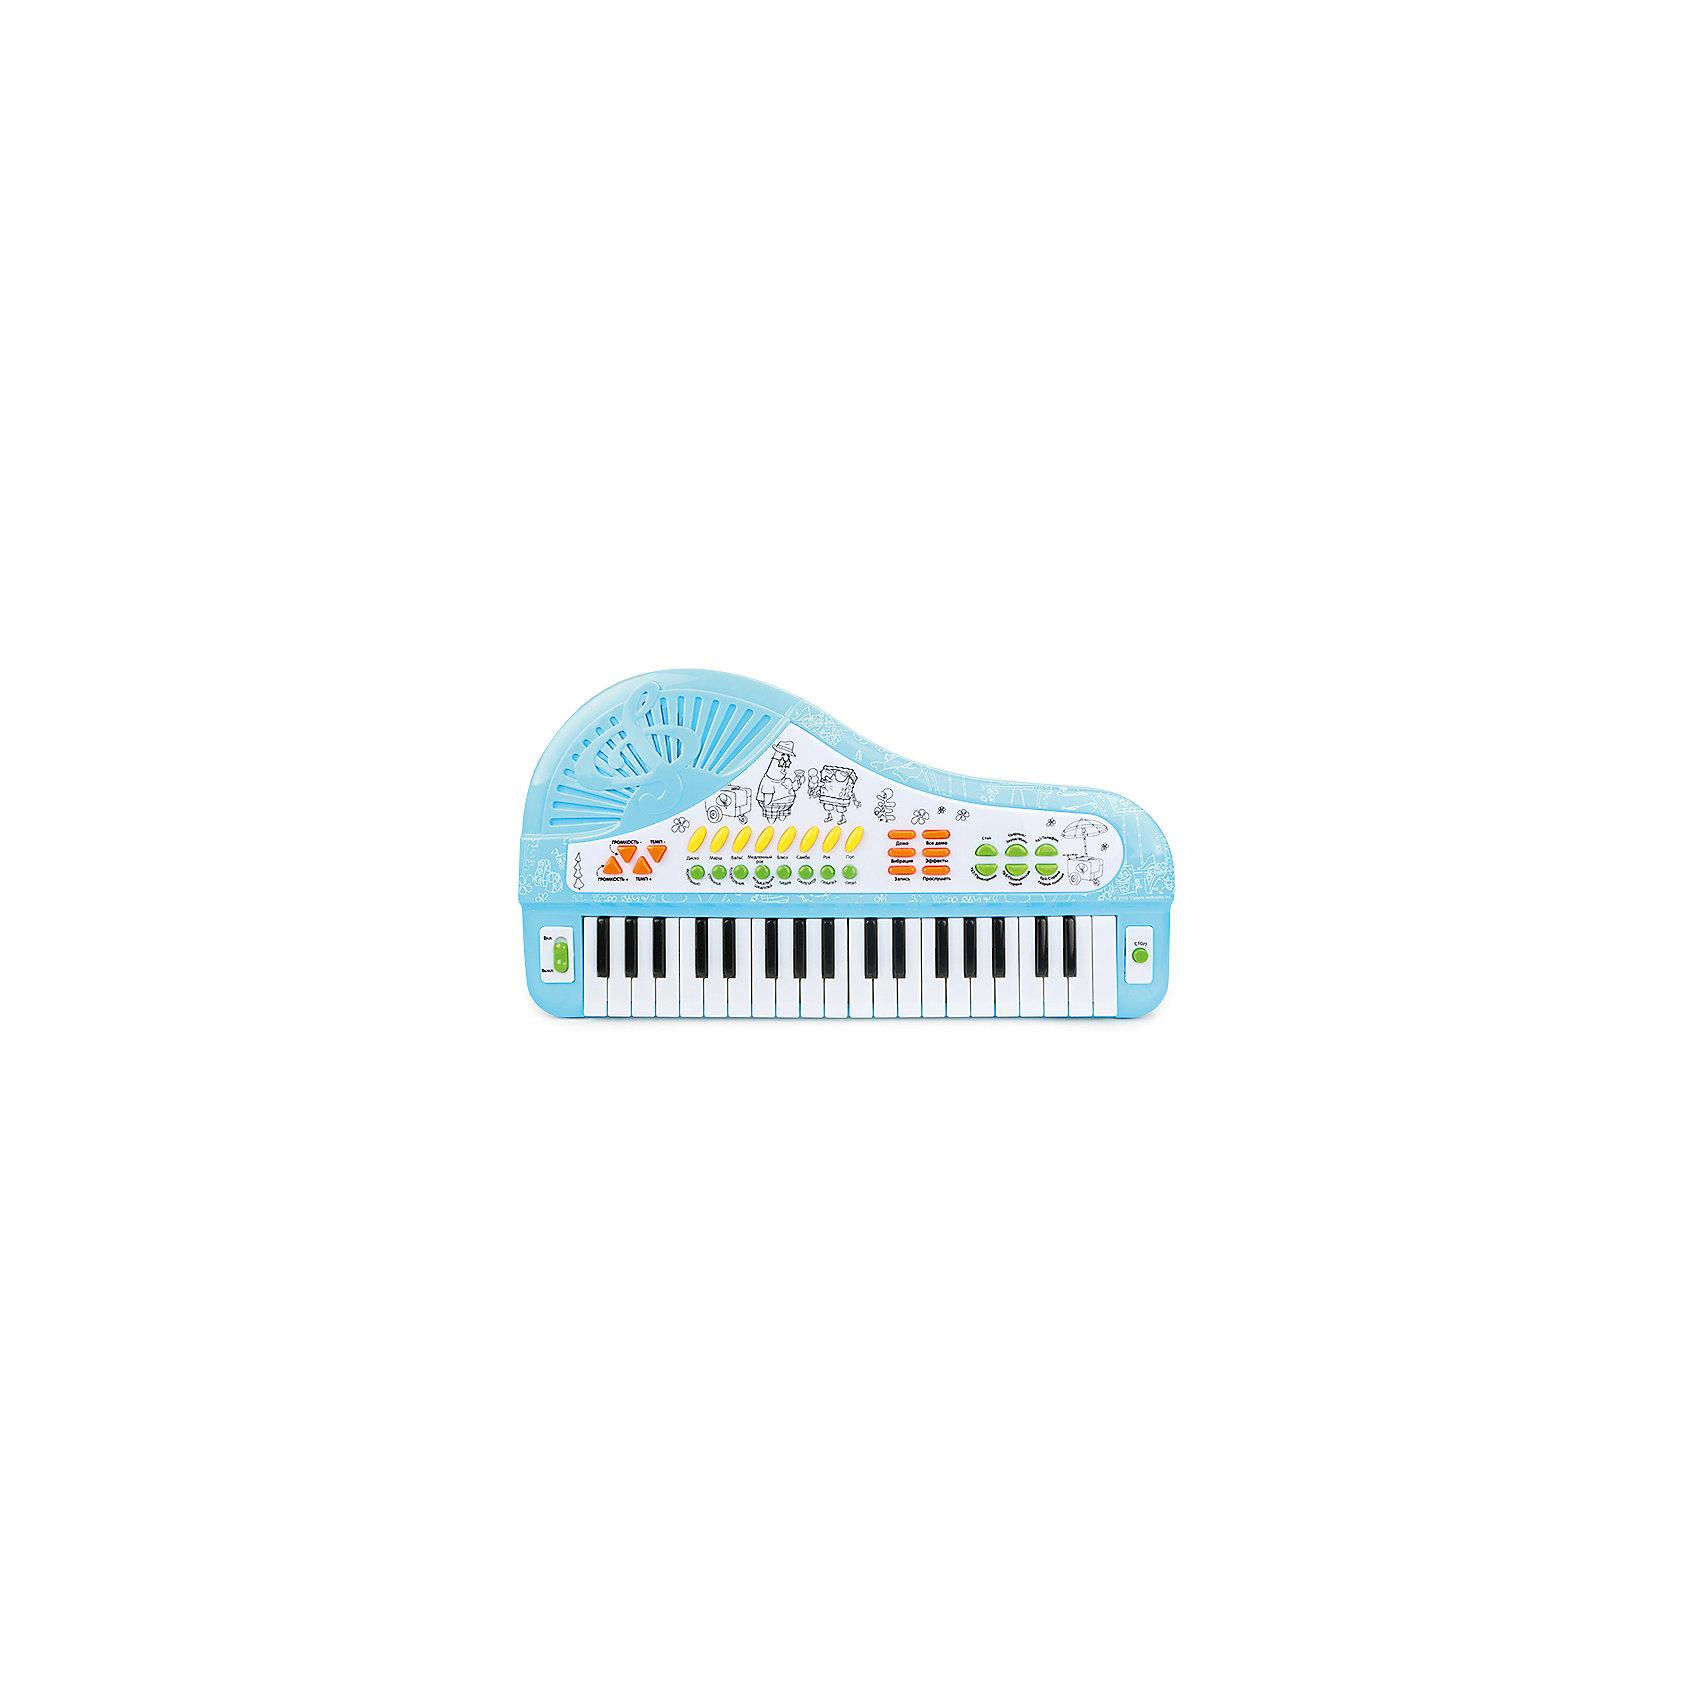 Cинтезатор-рояль Симфония радости, с микрофоном, Губка БобИгрушки<br>Многофункциональный синтезатор Губка Боб познакомит ребёнка с увлекательным миром музыки. С этим музыкальным инструментом не придётся скучать: записывайте и прослушивайте звук, воспроизводите уже готовые мелодии или создавайте свои!  В процессе игры развивается звуковое восприятие и творческое мышление. <br>Преимущества:<br>37 электронных клавиш <br>34 функциональные кнопки<br>8 музыкальных инструментов<br>8 ритмов<br>4 ударных инструмента<br>4 дополнительных звука<br>Демонстрационные мелодии<br>Регулировка громкости и темпа<br>Функция Запись\Воспроизведение<br>Работа от сети<br>Микрофон<br> <br>Адаптер для работы от сети в комплект не входит.<br><br>Ширина мм: 490<br>Глубина мм: 270<br>Высота мм: 60<br>Вес г: 1060<br>Возраст от месяцев: 36<br>Возраст до месяцев: 72<br>Пол: Унисекс<br>Возраст: Детский<br>SKU: 4951866